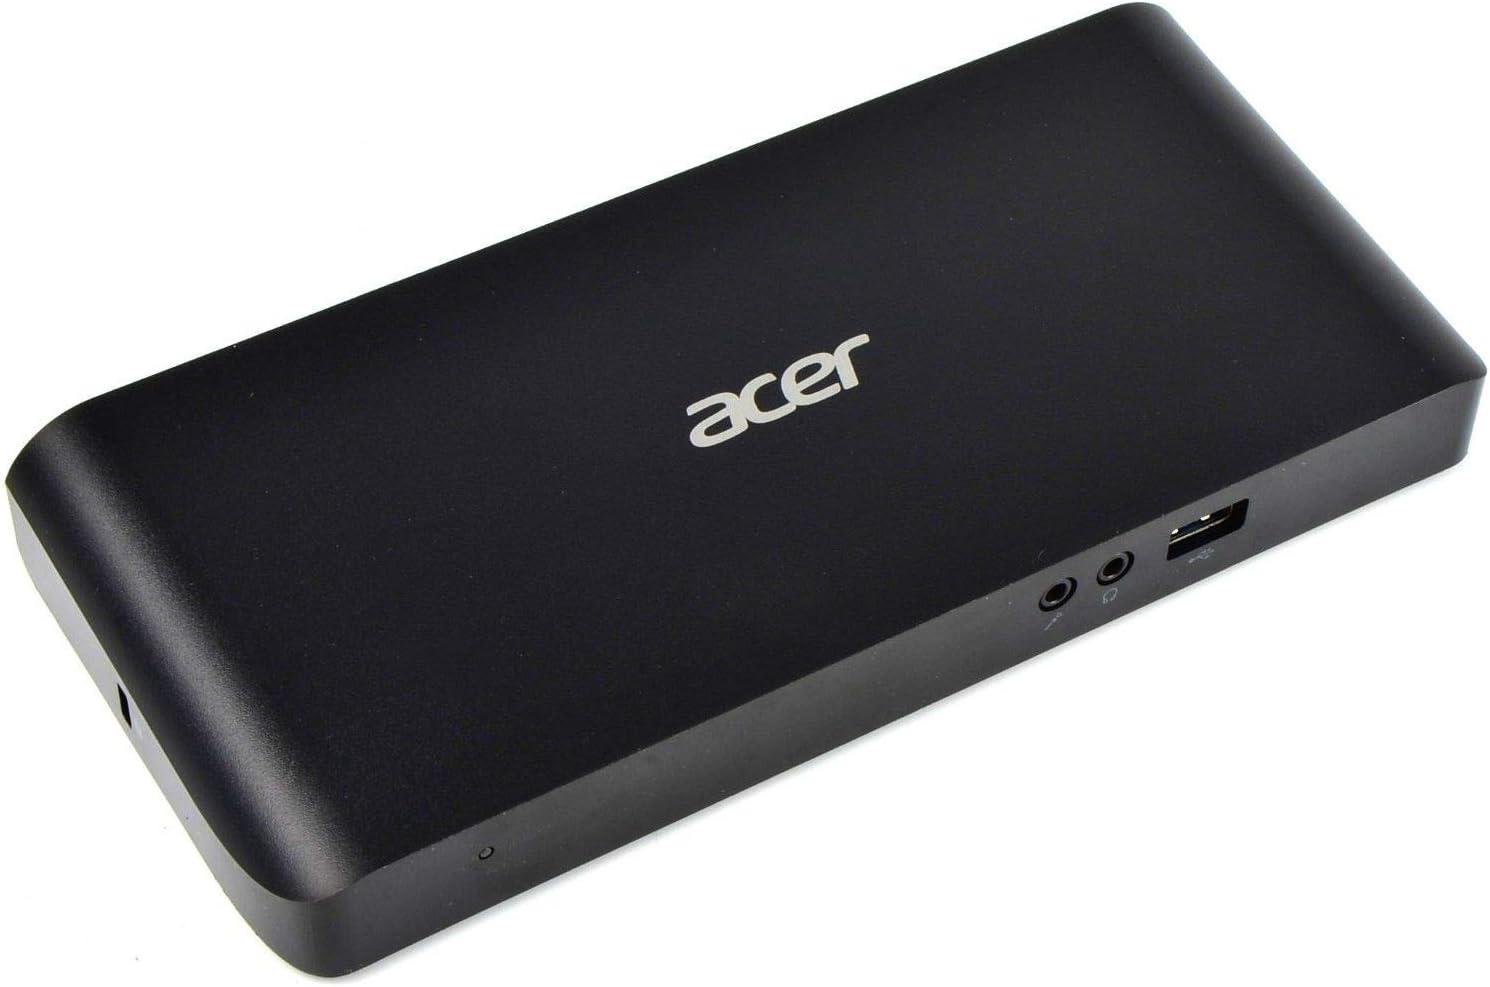 Acer USB Type-C Docking Station (Renewed)